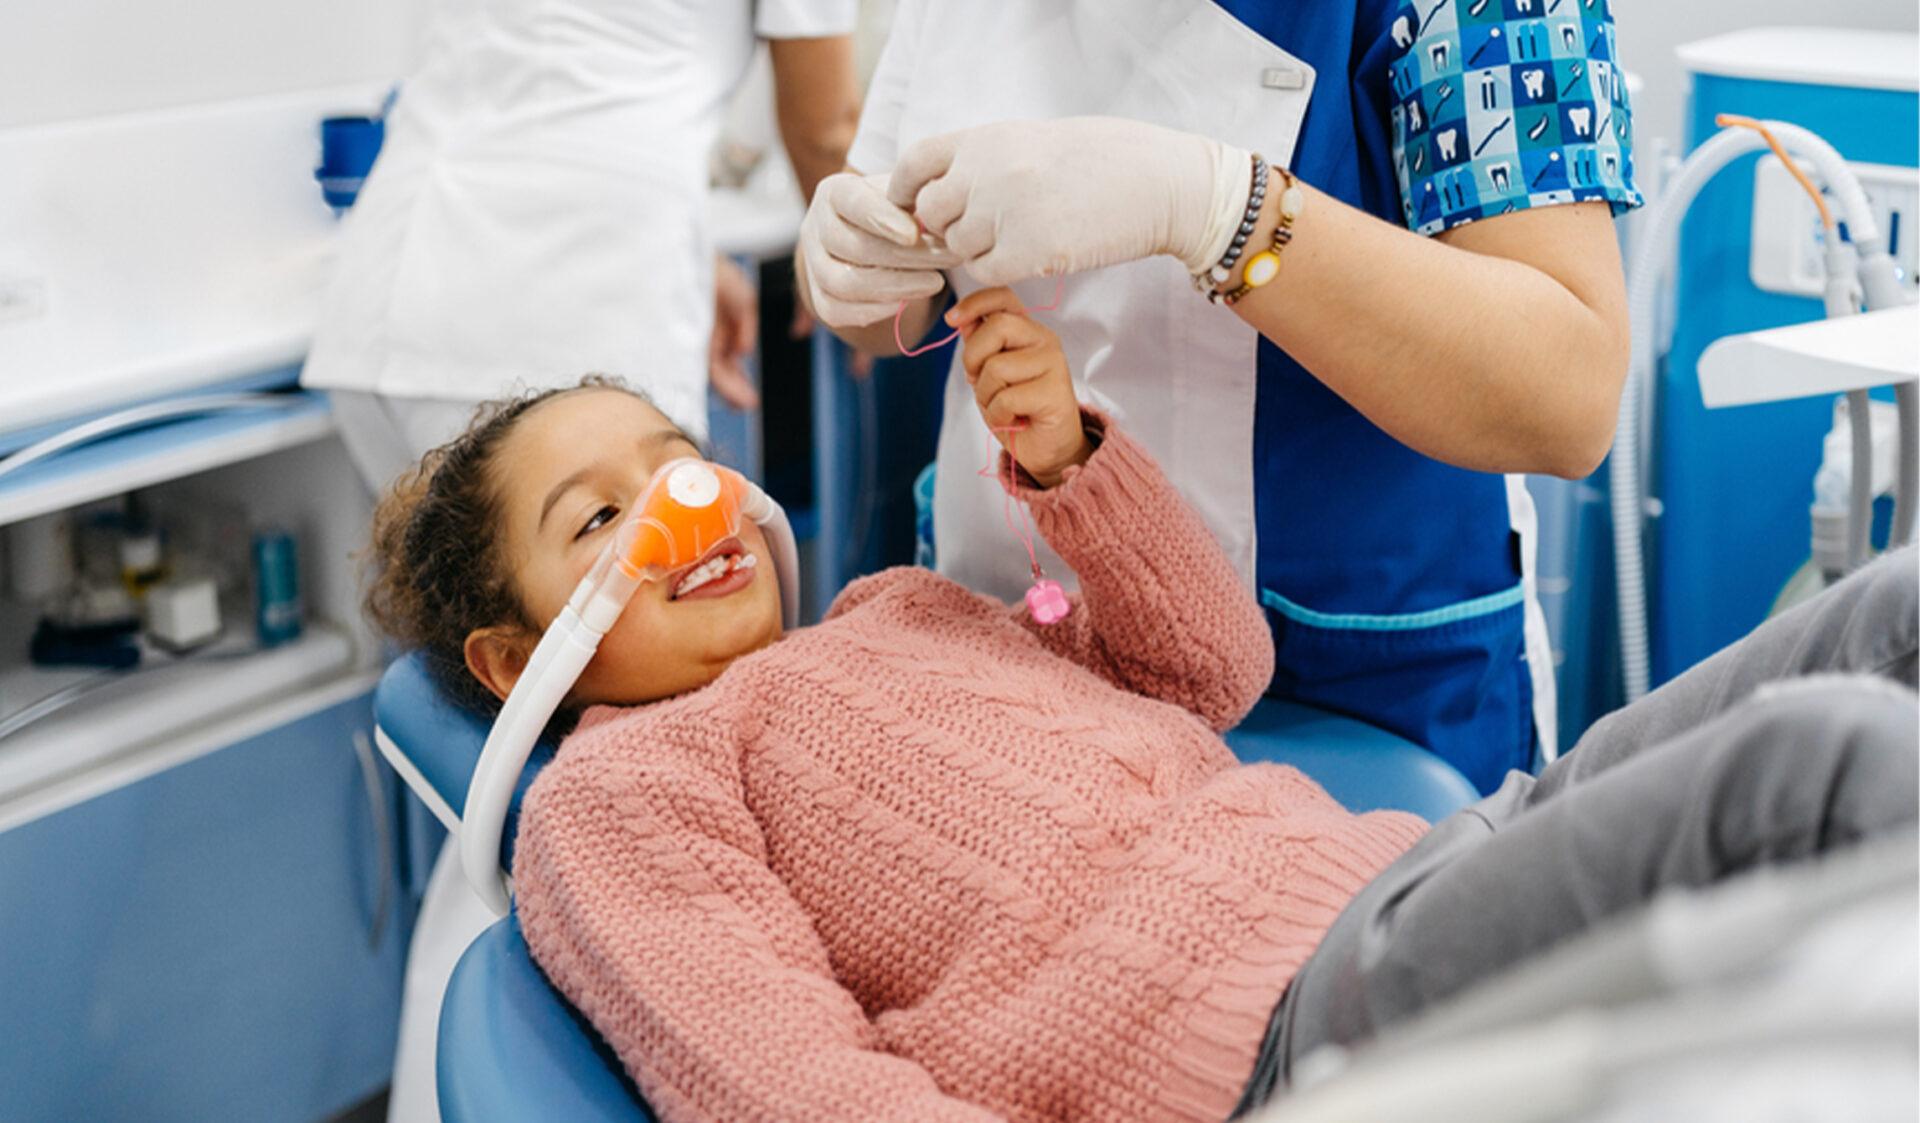 encinitas-dental-designs-services-sedation-dentist